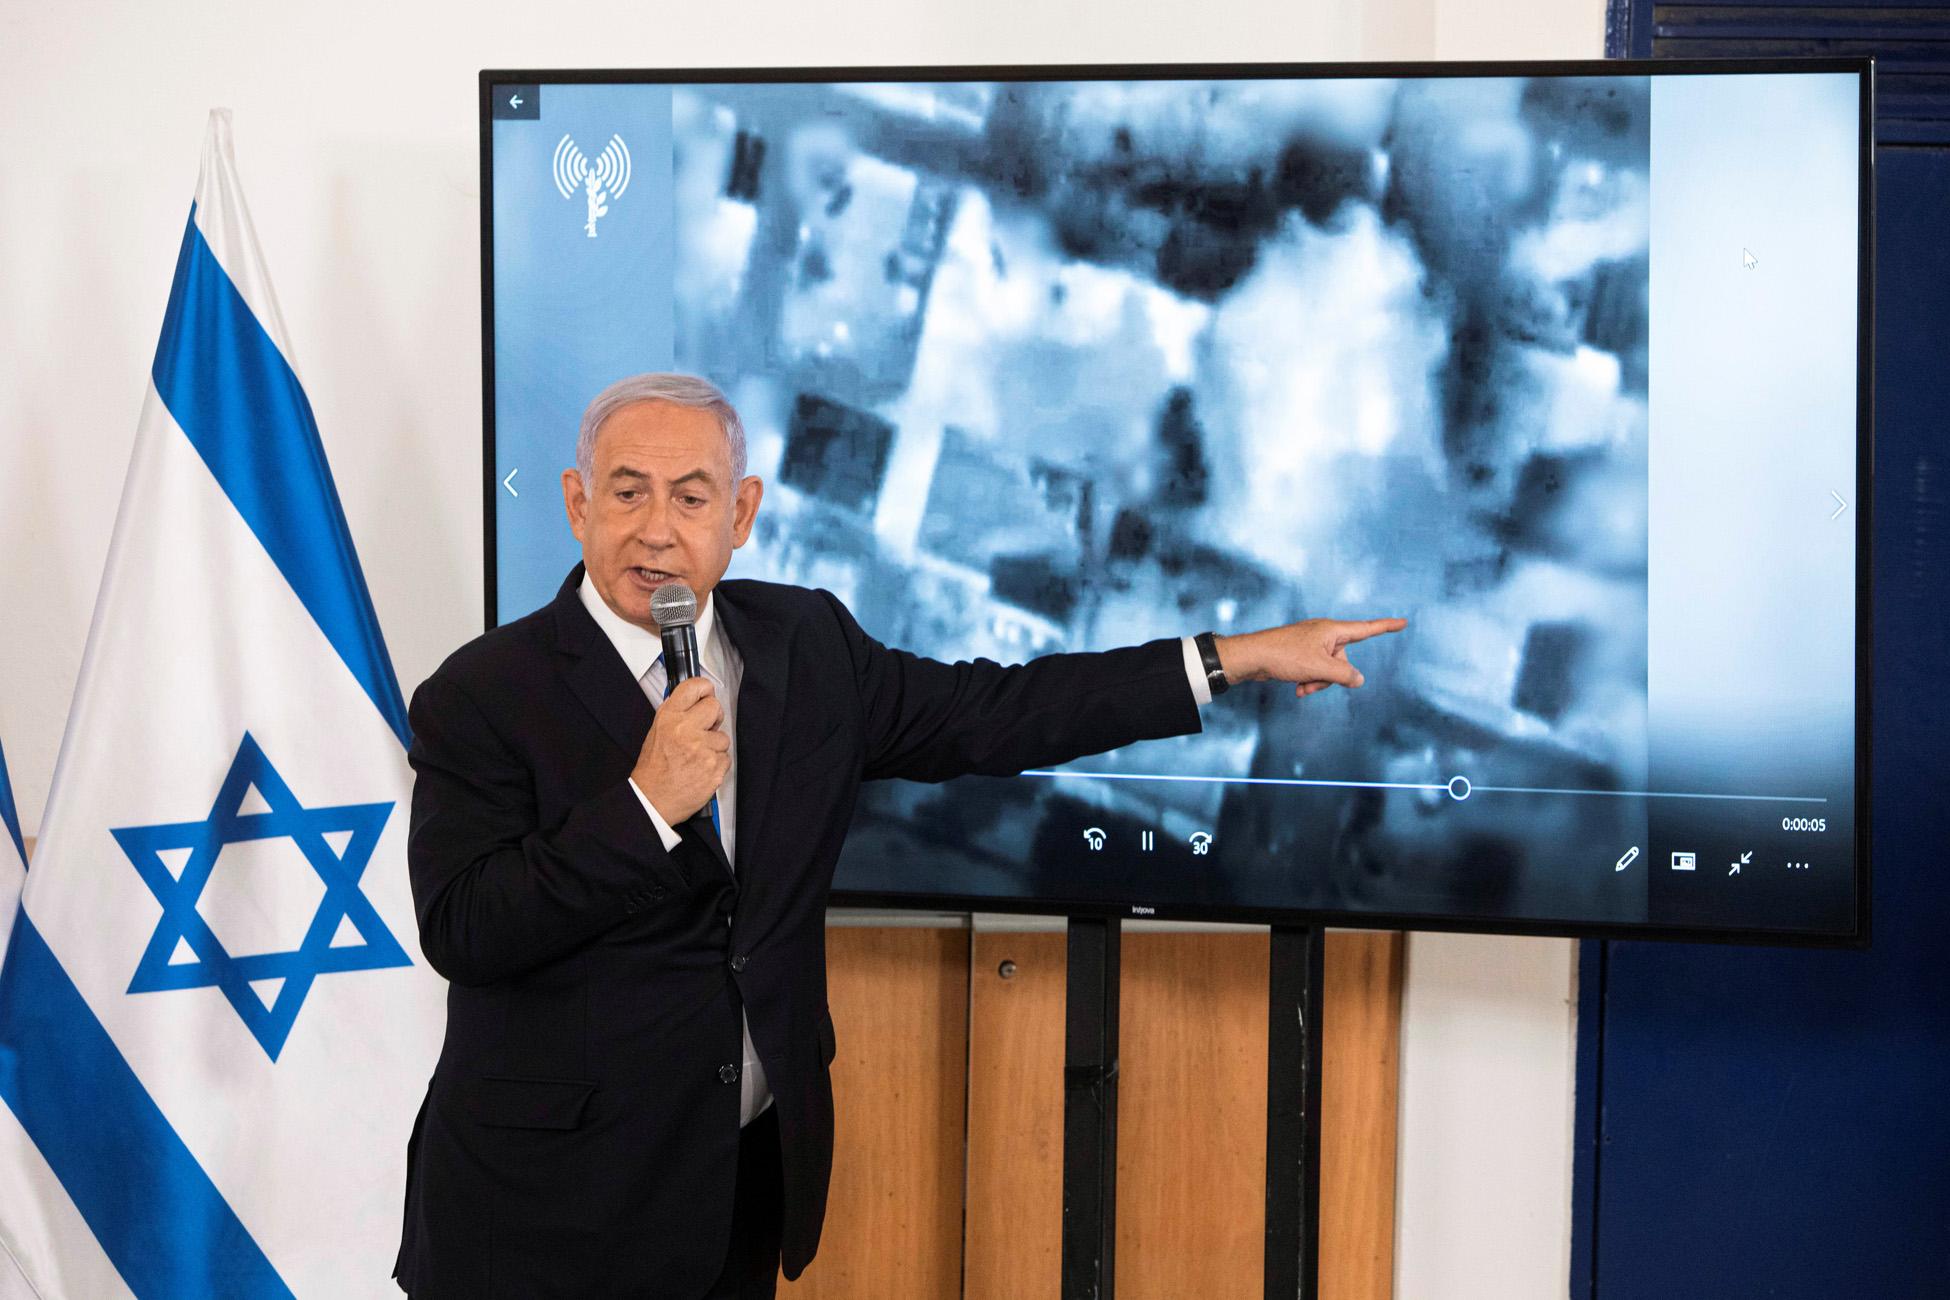 Πανηγυρίζει ο Νετανίαχου: «Εξαιρετική επιτυχία» η επιχείρηση στη Γάζα